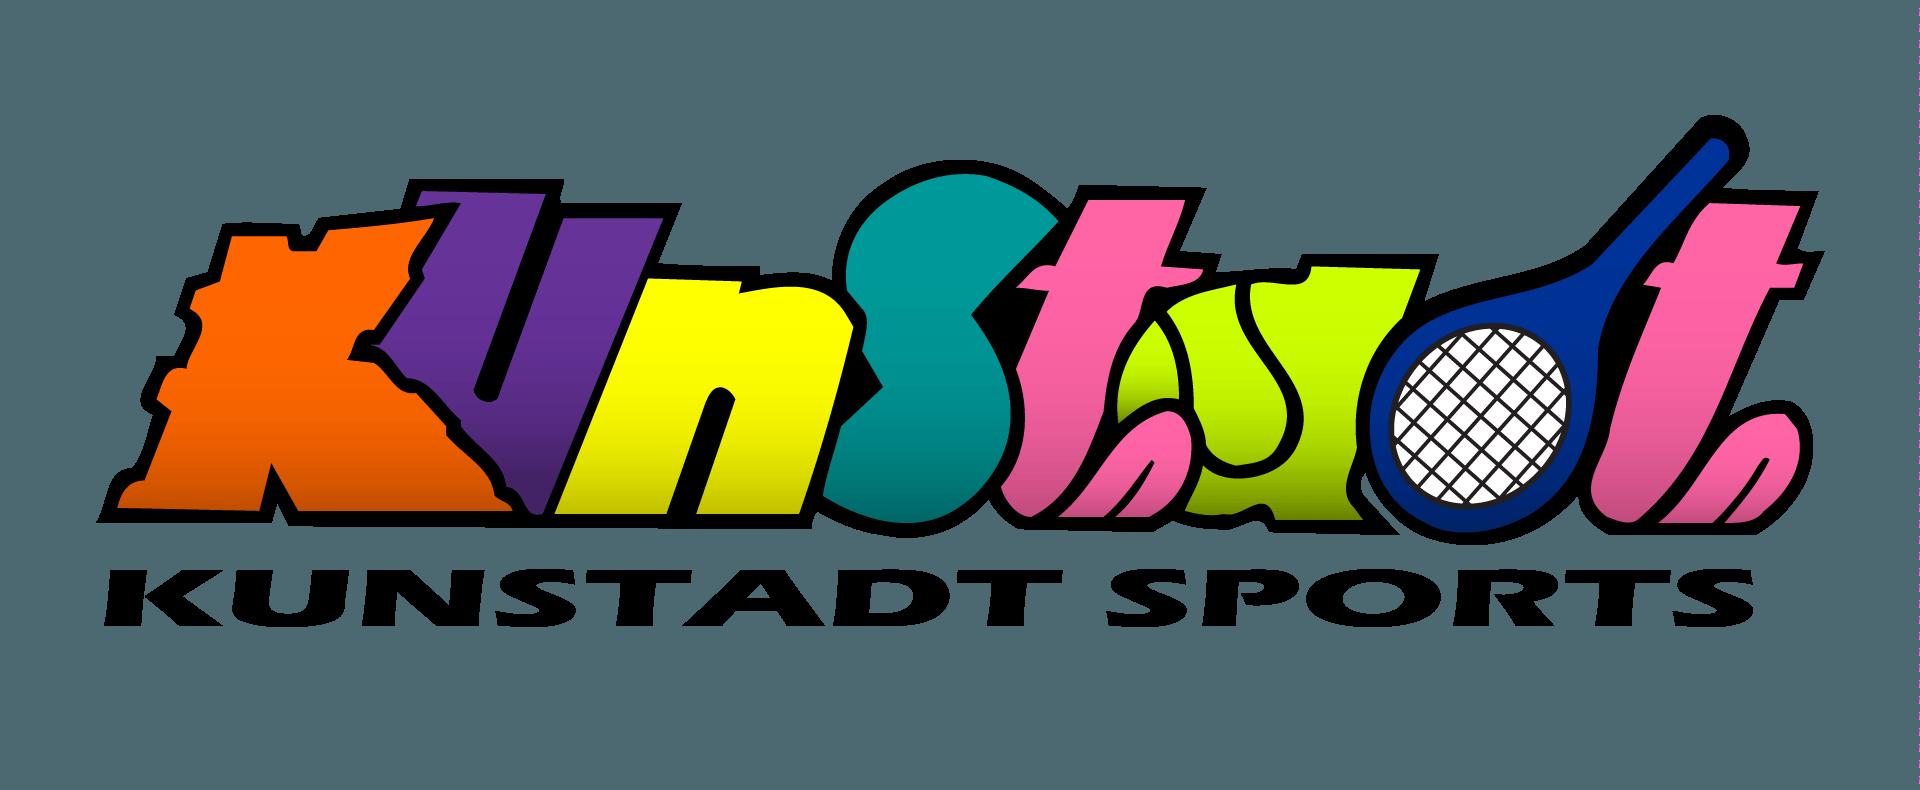 Demo by Kunstadt